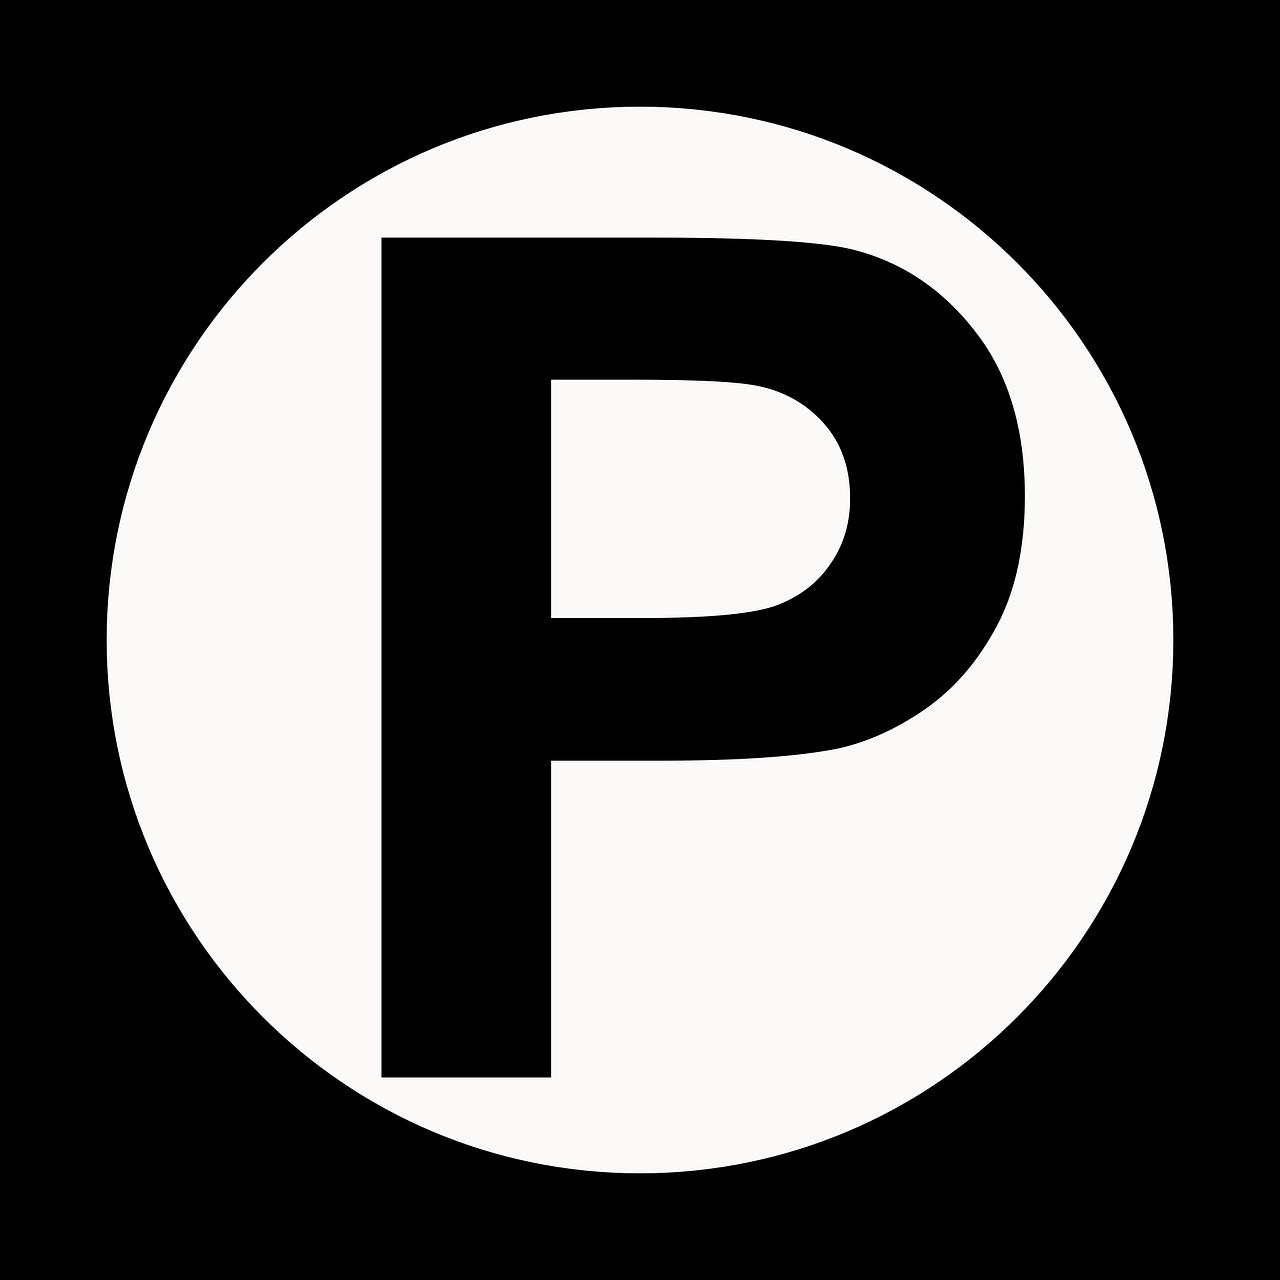 Parking Symbol Circle PNG.